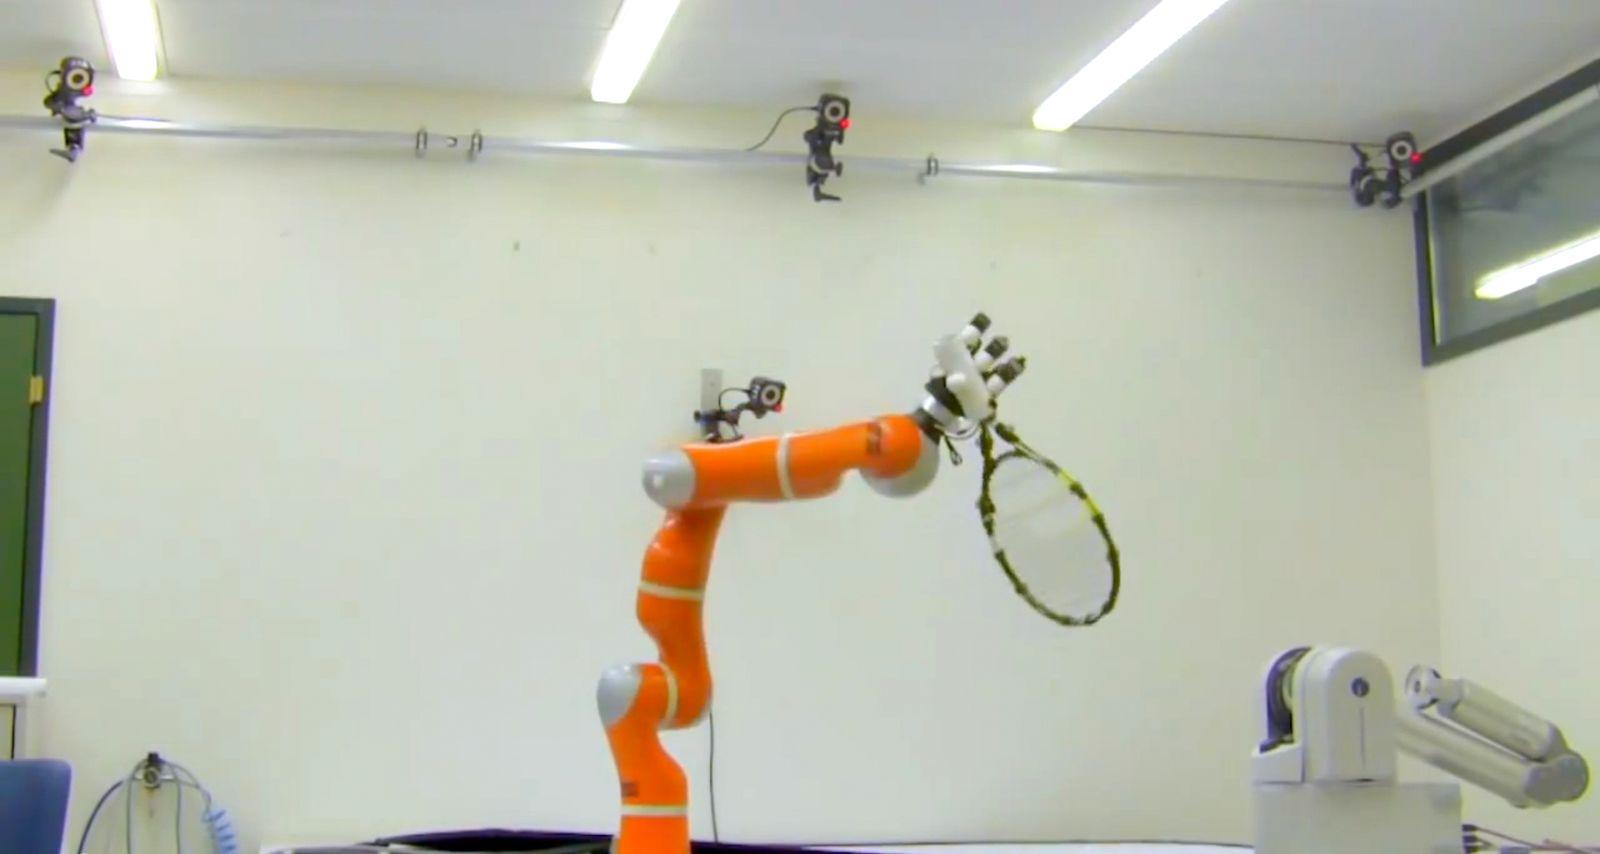 NUR ALS ZITAT Screenshot Roboterarm